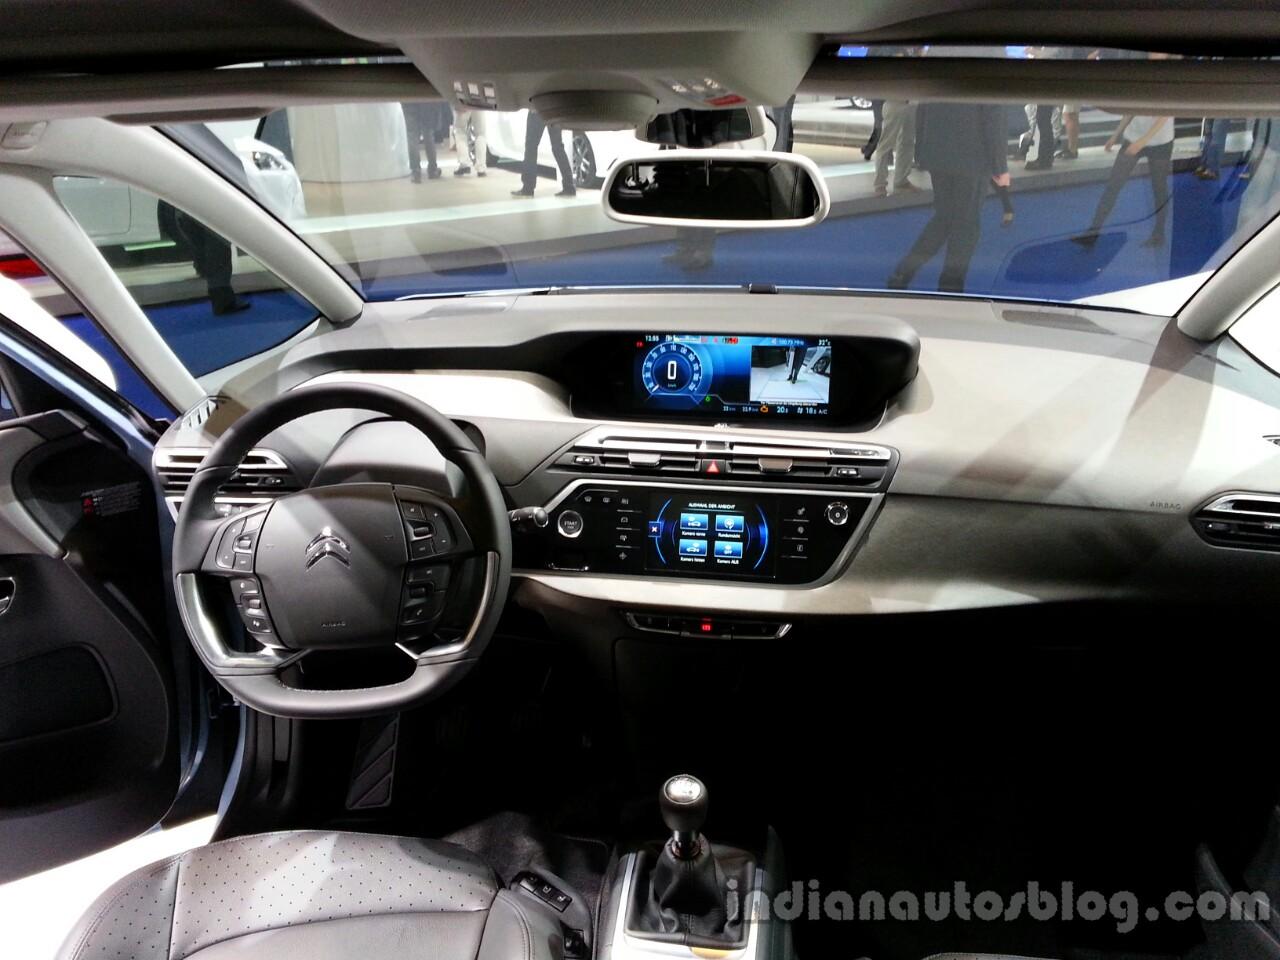 Interior of the 2014 Citroen Grand C4 Picasso